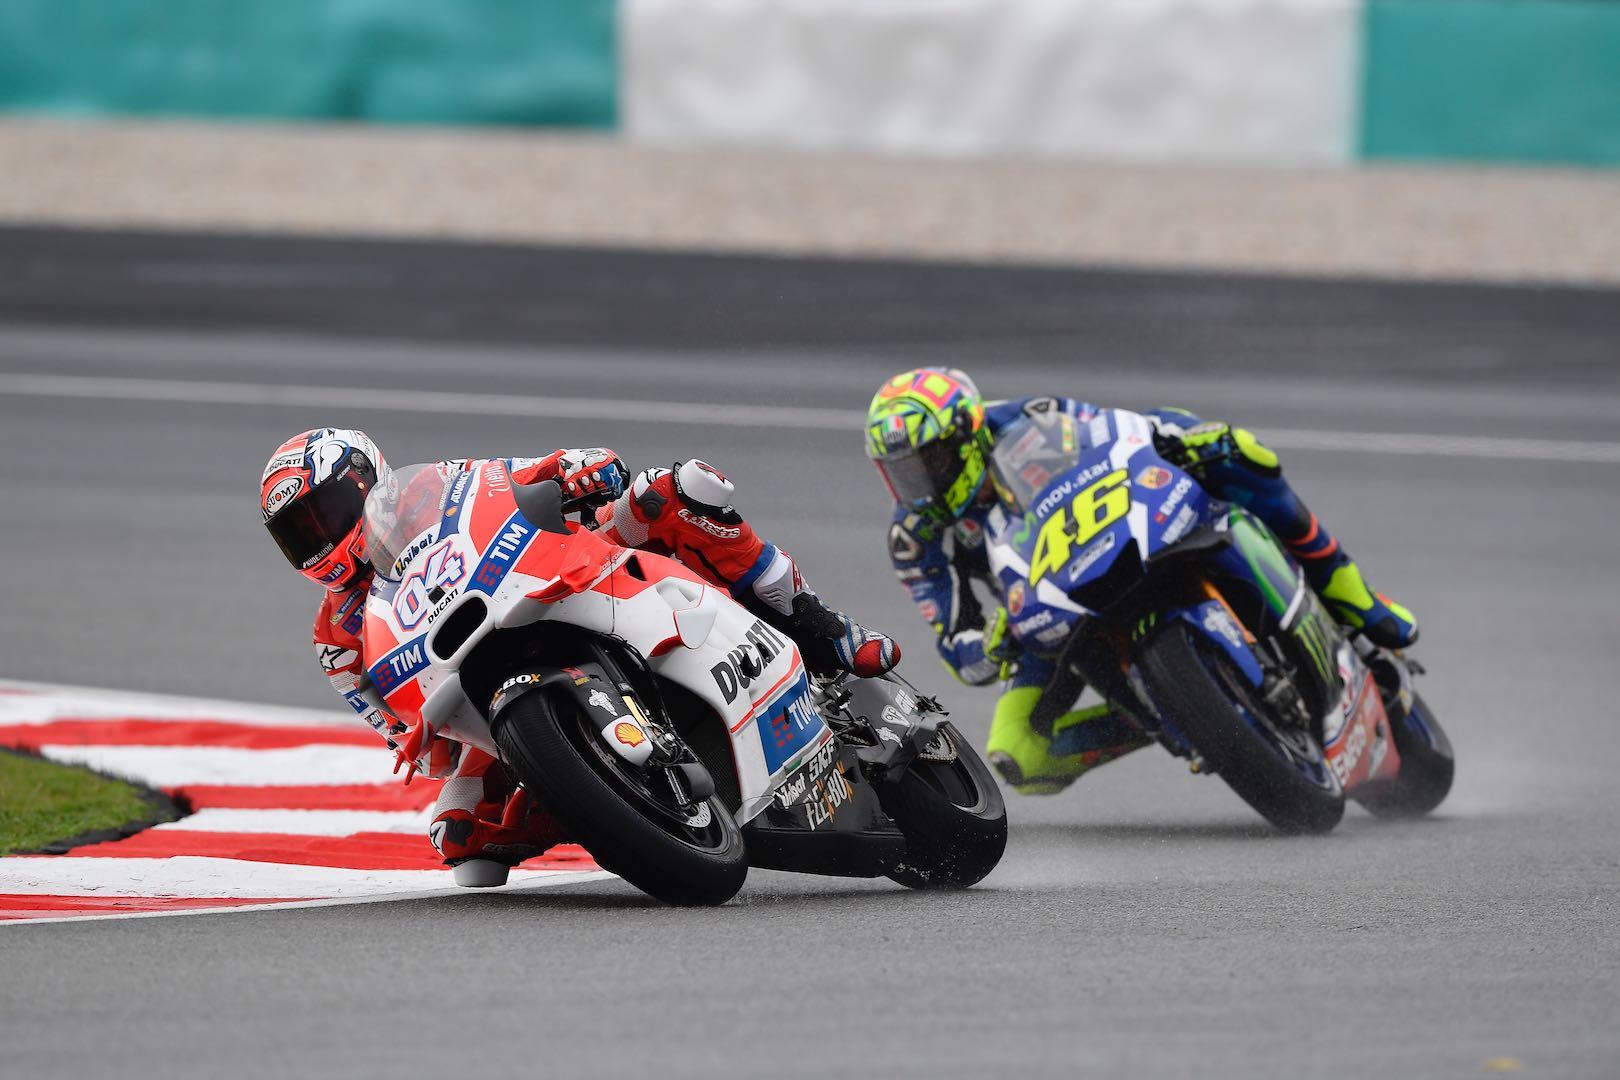 Andrea Dovizioso e Valentino Rossi, durante la gara di oggi (foto da: ultimatemotorciclyng.com)